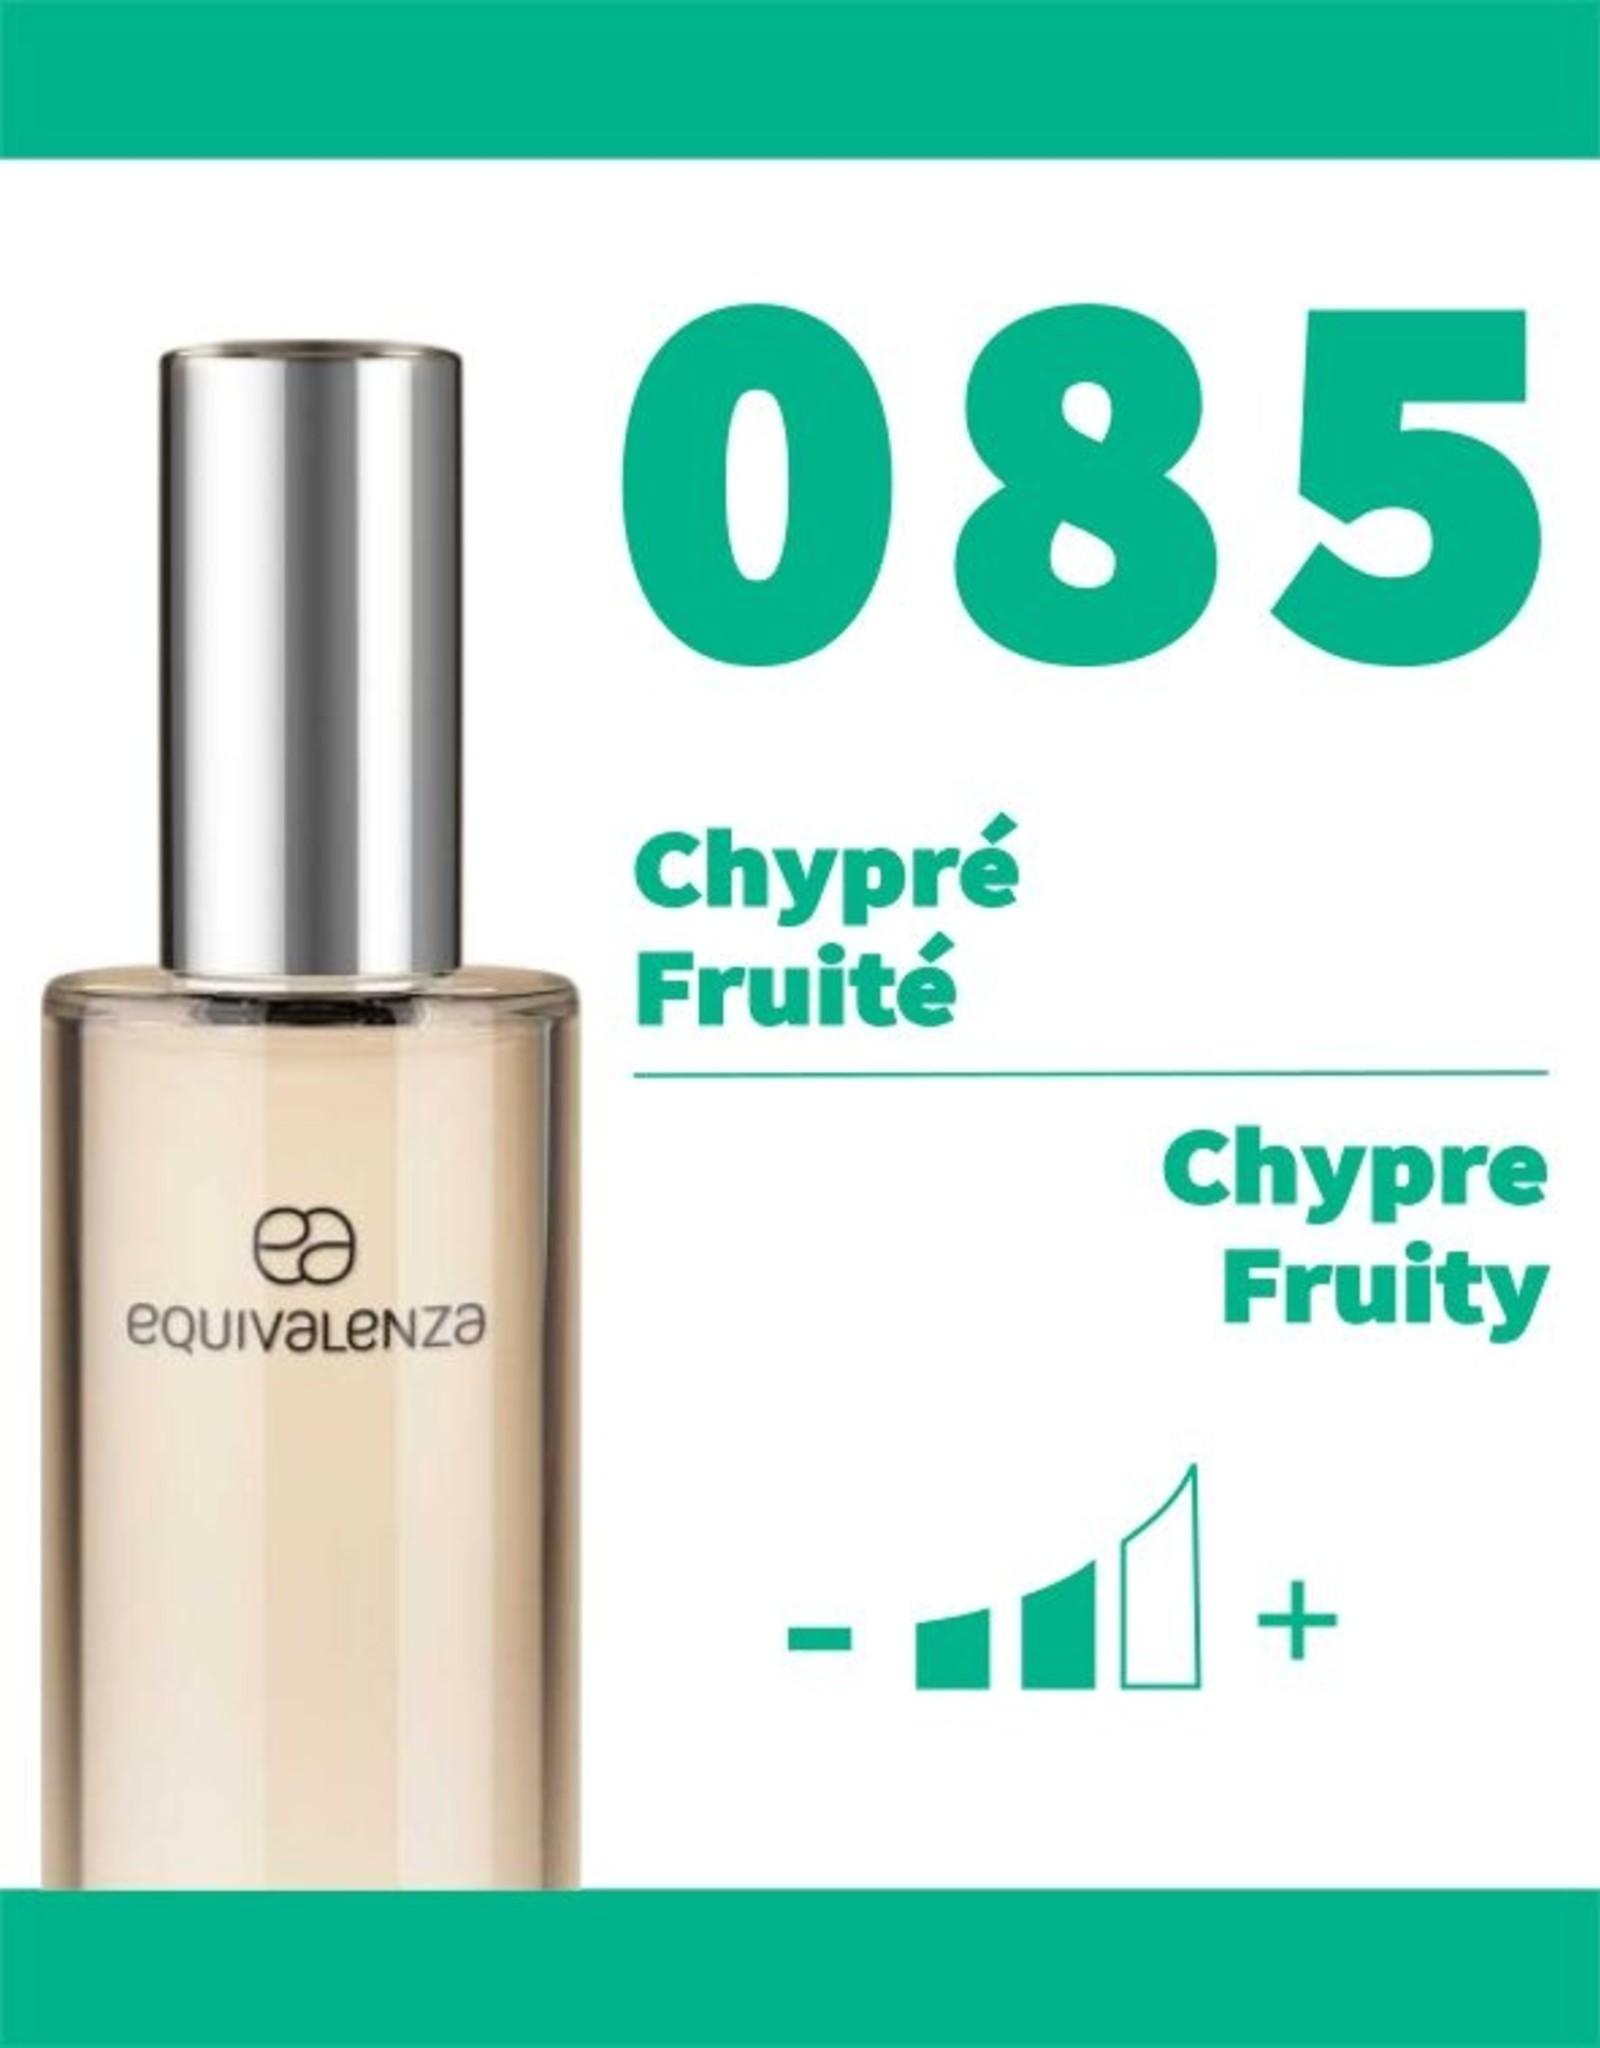 Equivalenza Chypré Fruité 085